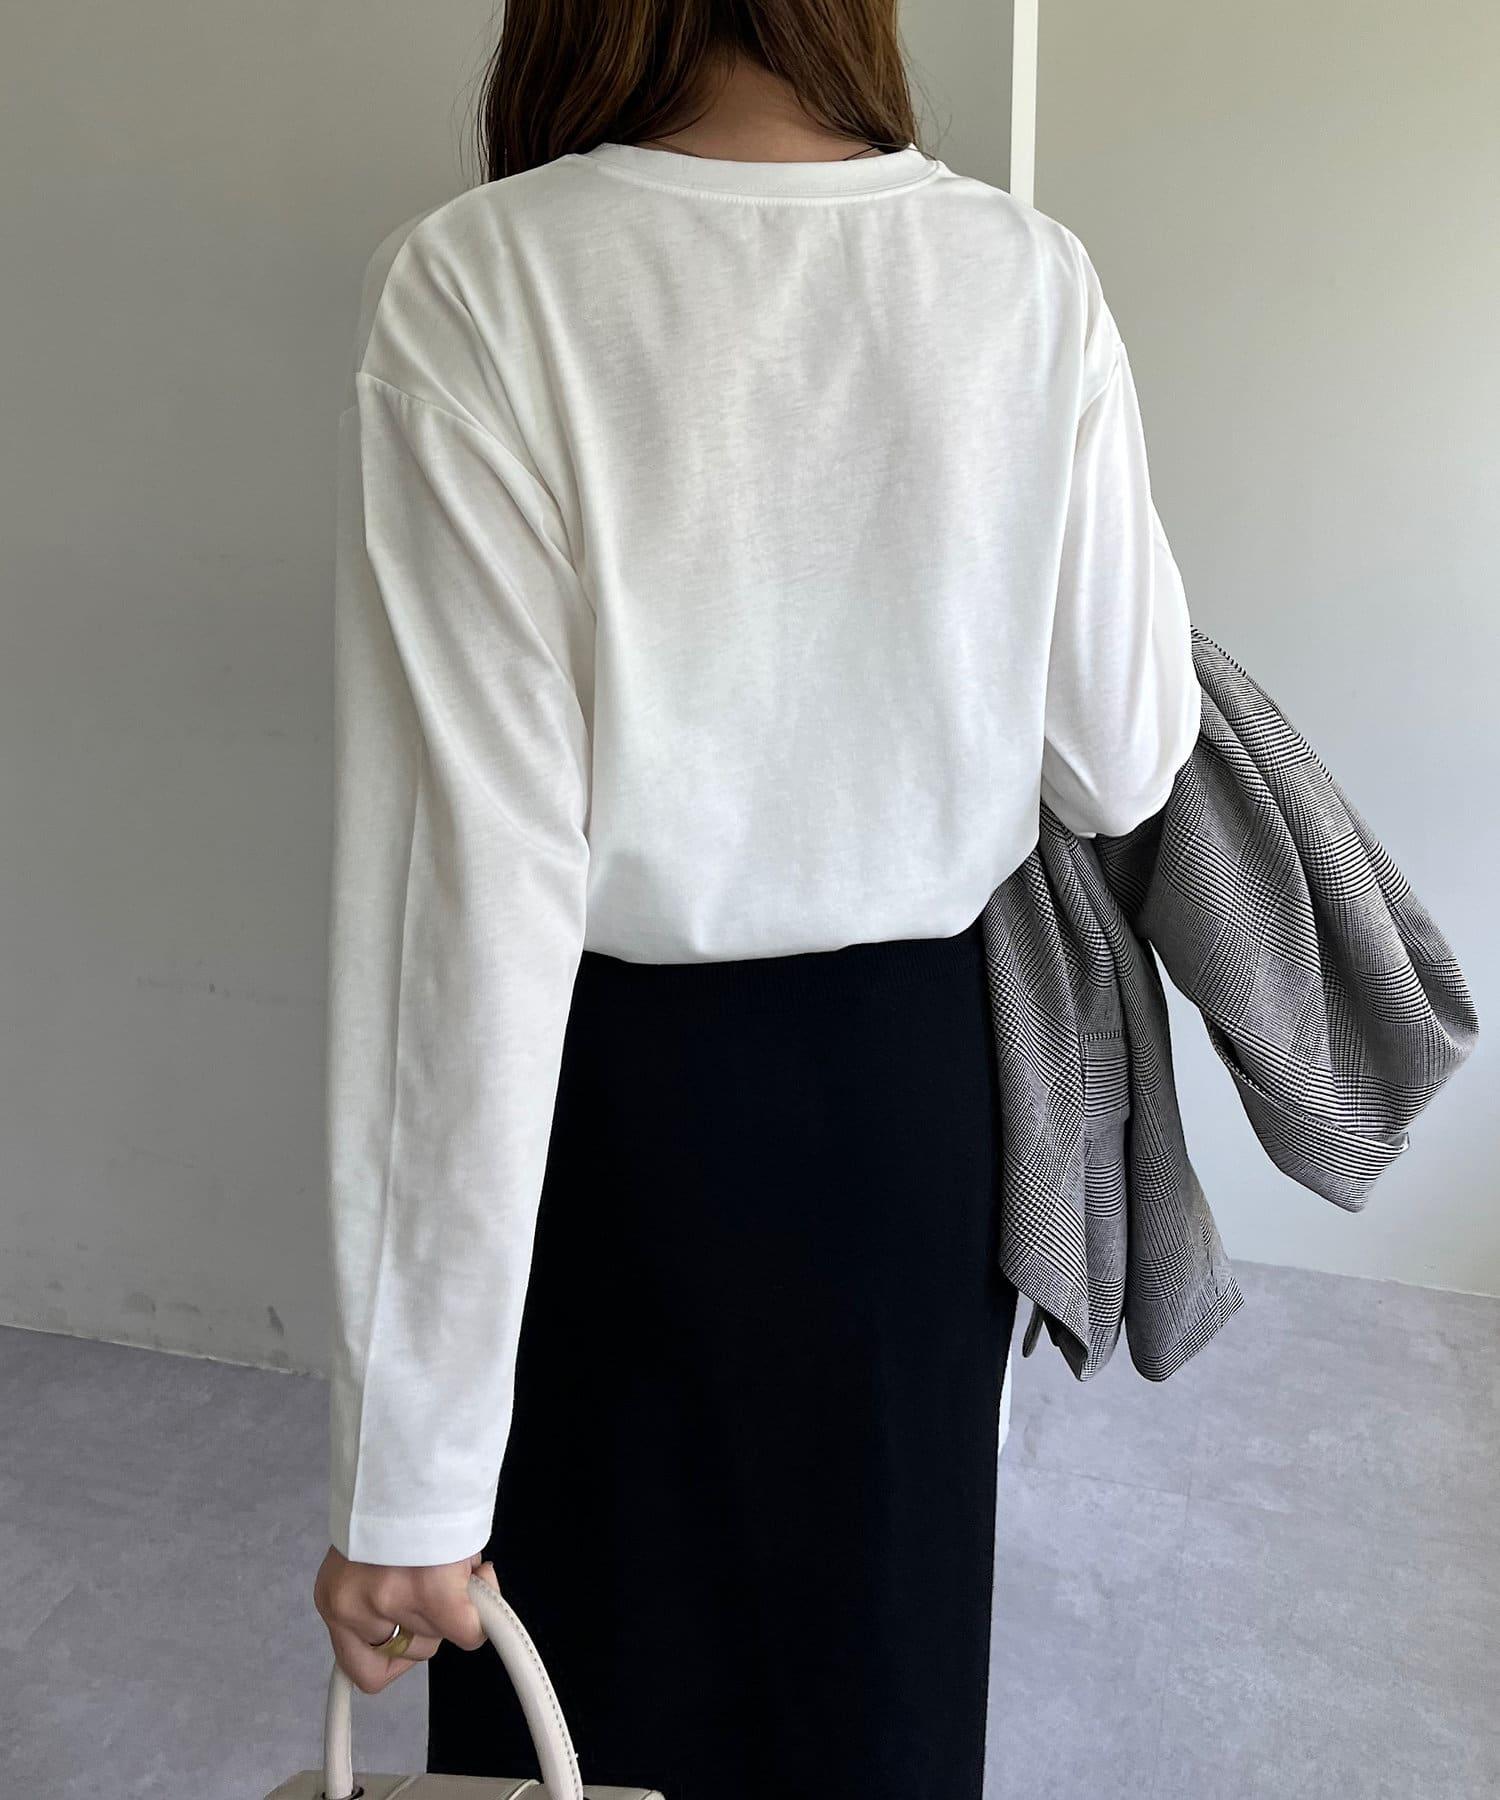 Discoat(ディスコート) 【WEB限定】刺繍ロゴロングTシャツ